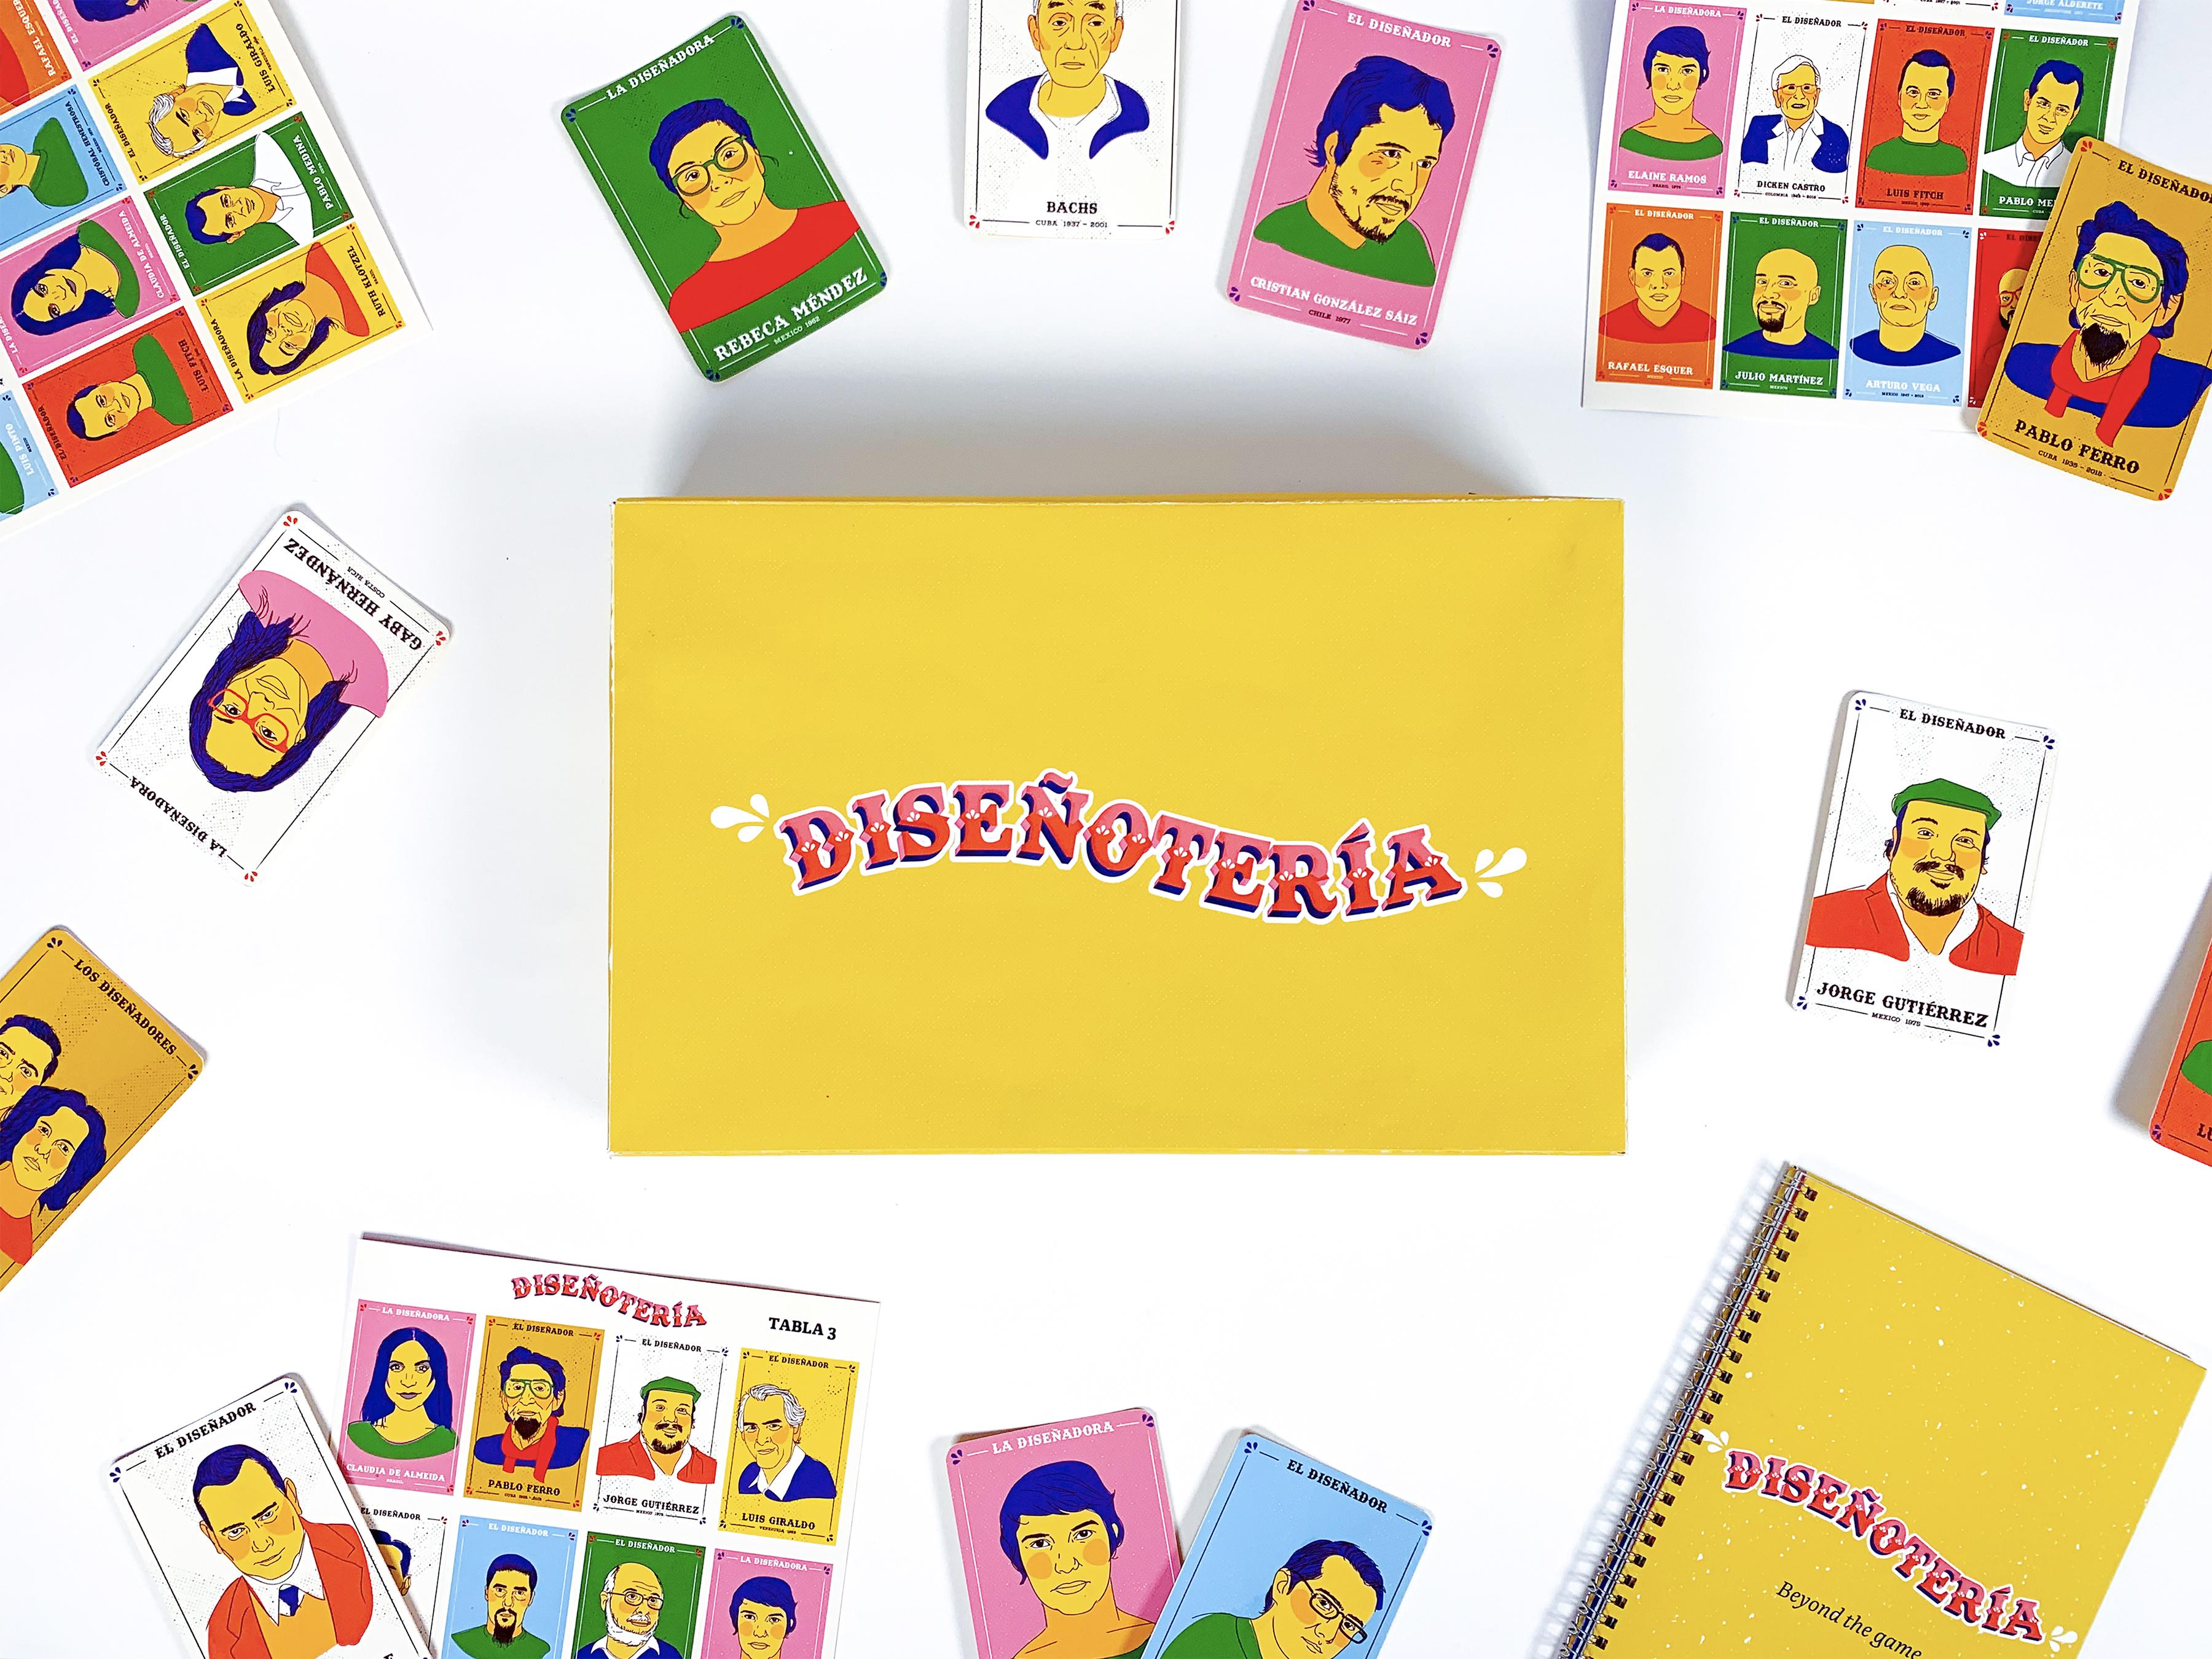 Disenoteria-Cover